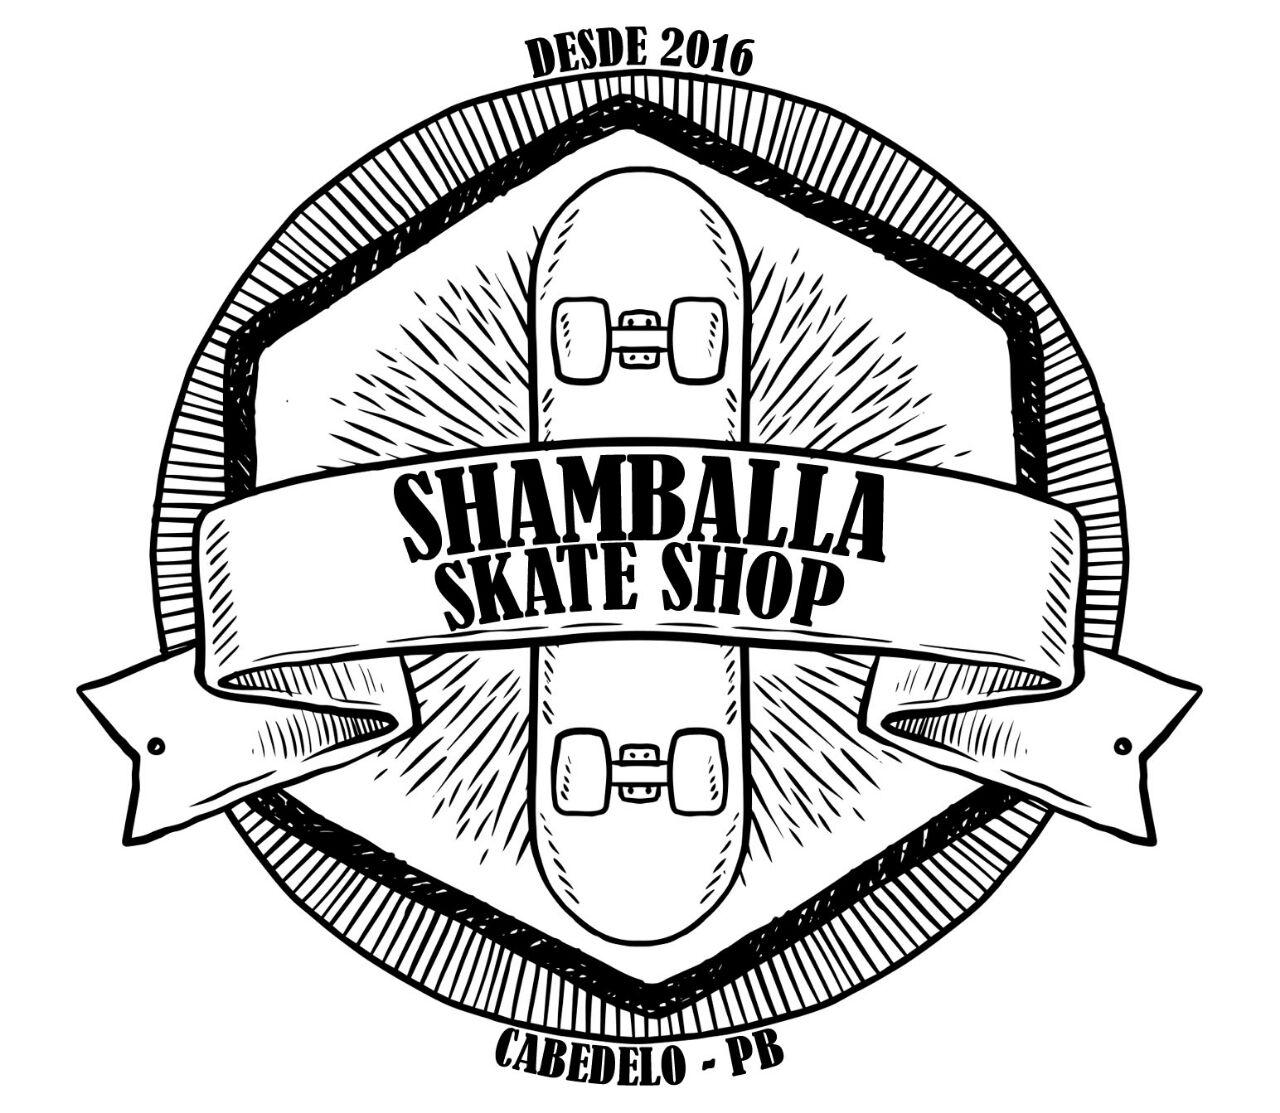 SHAMBALLA SKATE SHOP